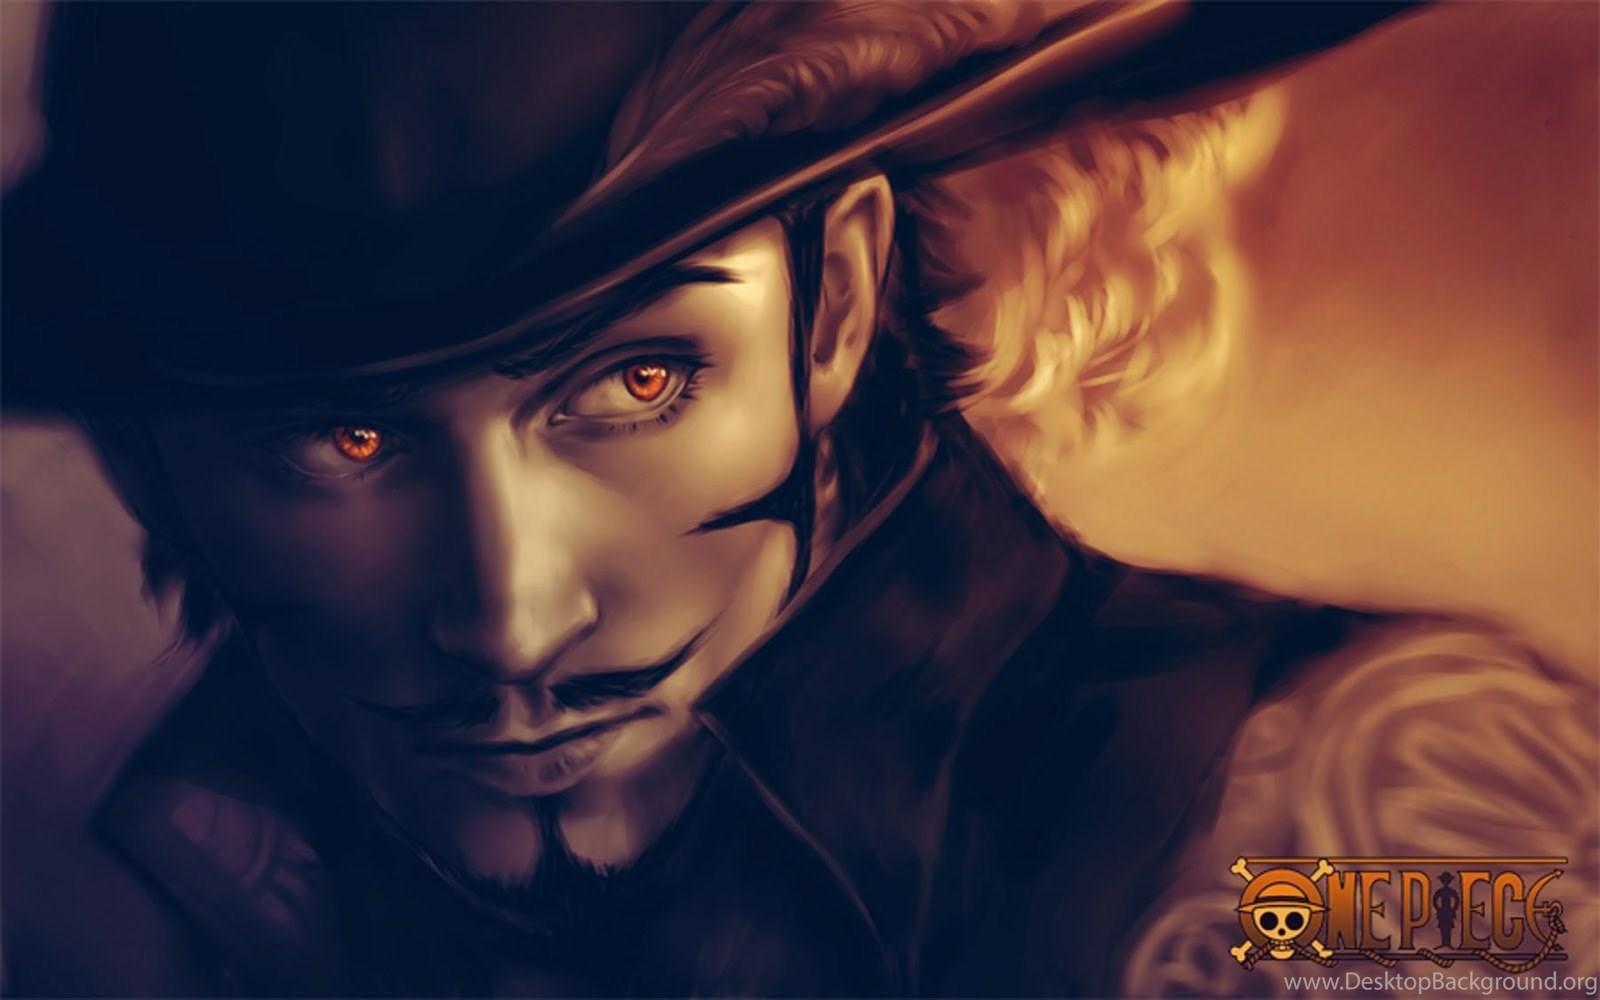 Wallpapers Juracule Mihawk 3d Hd One Piece Gallery Desktop Background